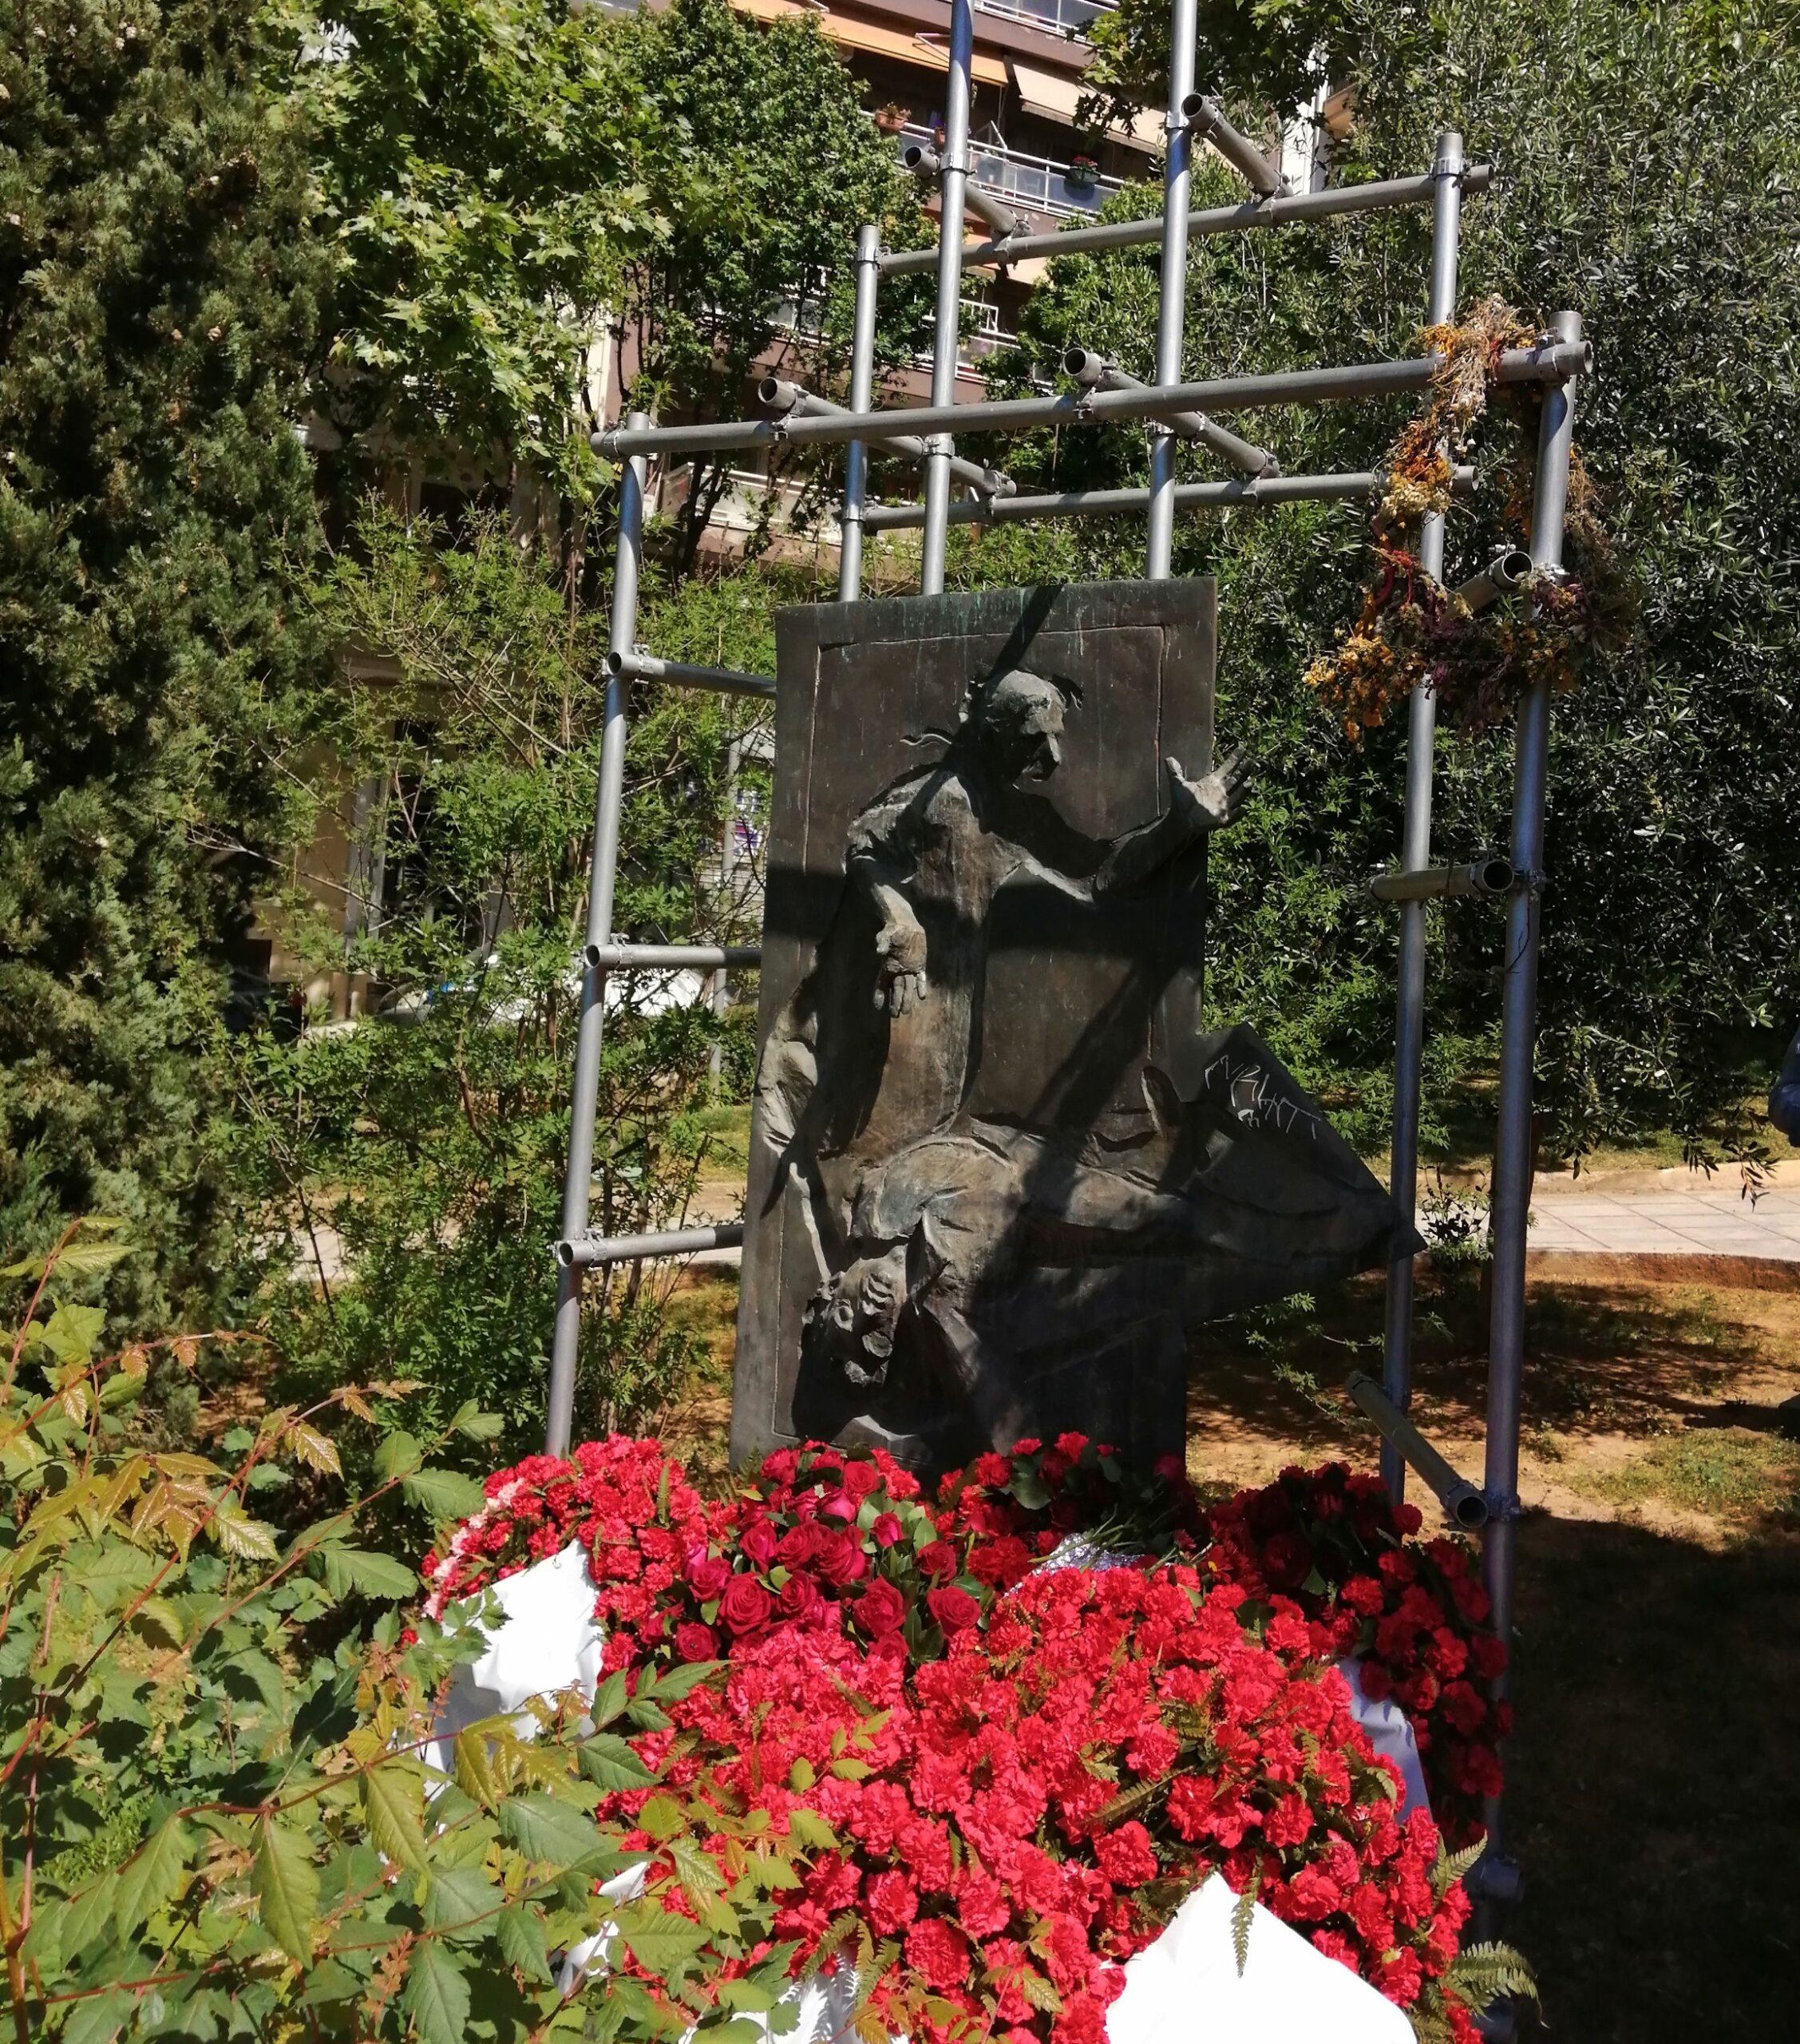 84 χρόνια από το Μάη του 1936  -Ολοκληρώθηκε η κατάθεση στεφάνων  στο μνημείο του Εργάτη